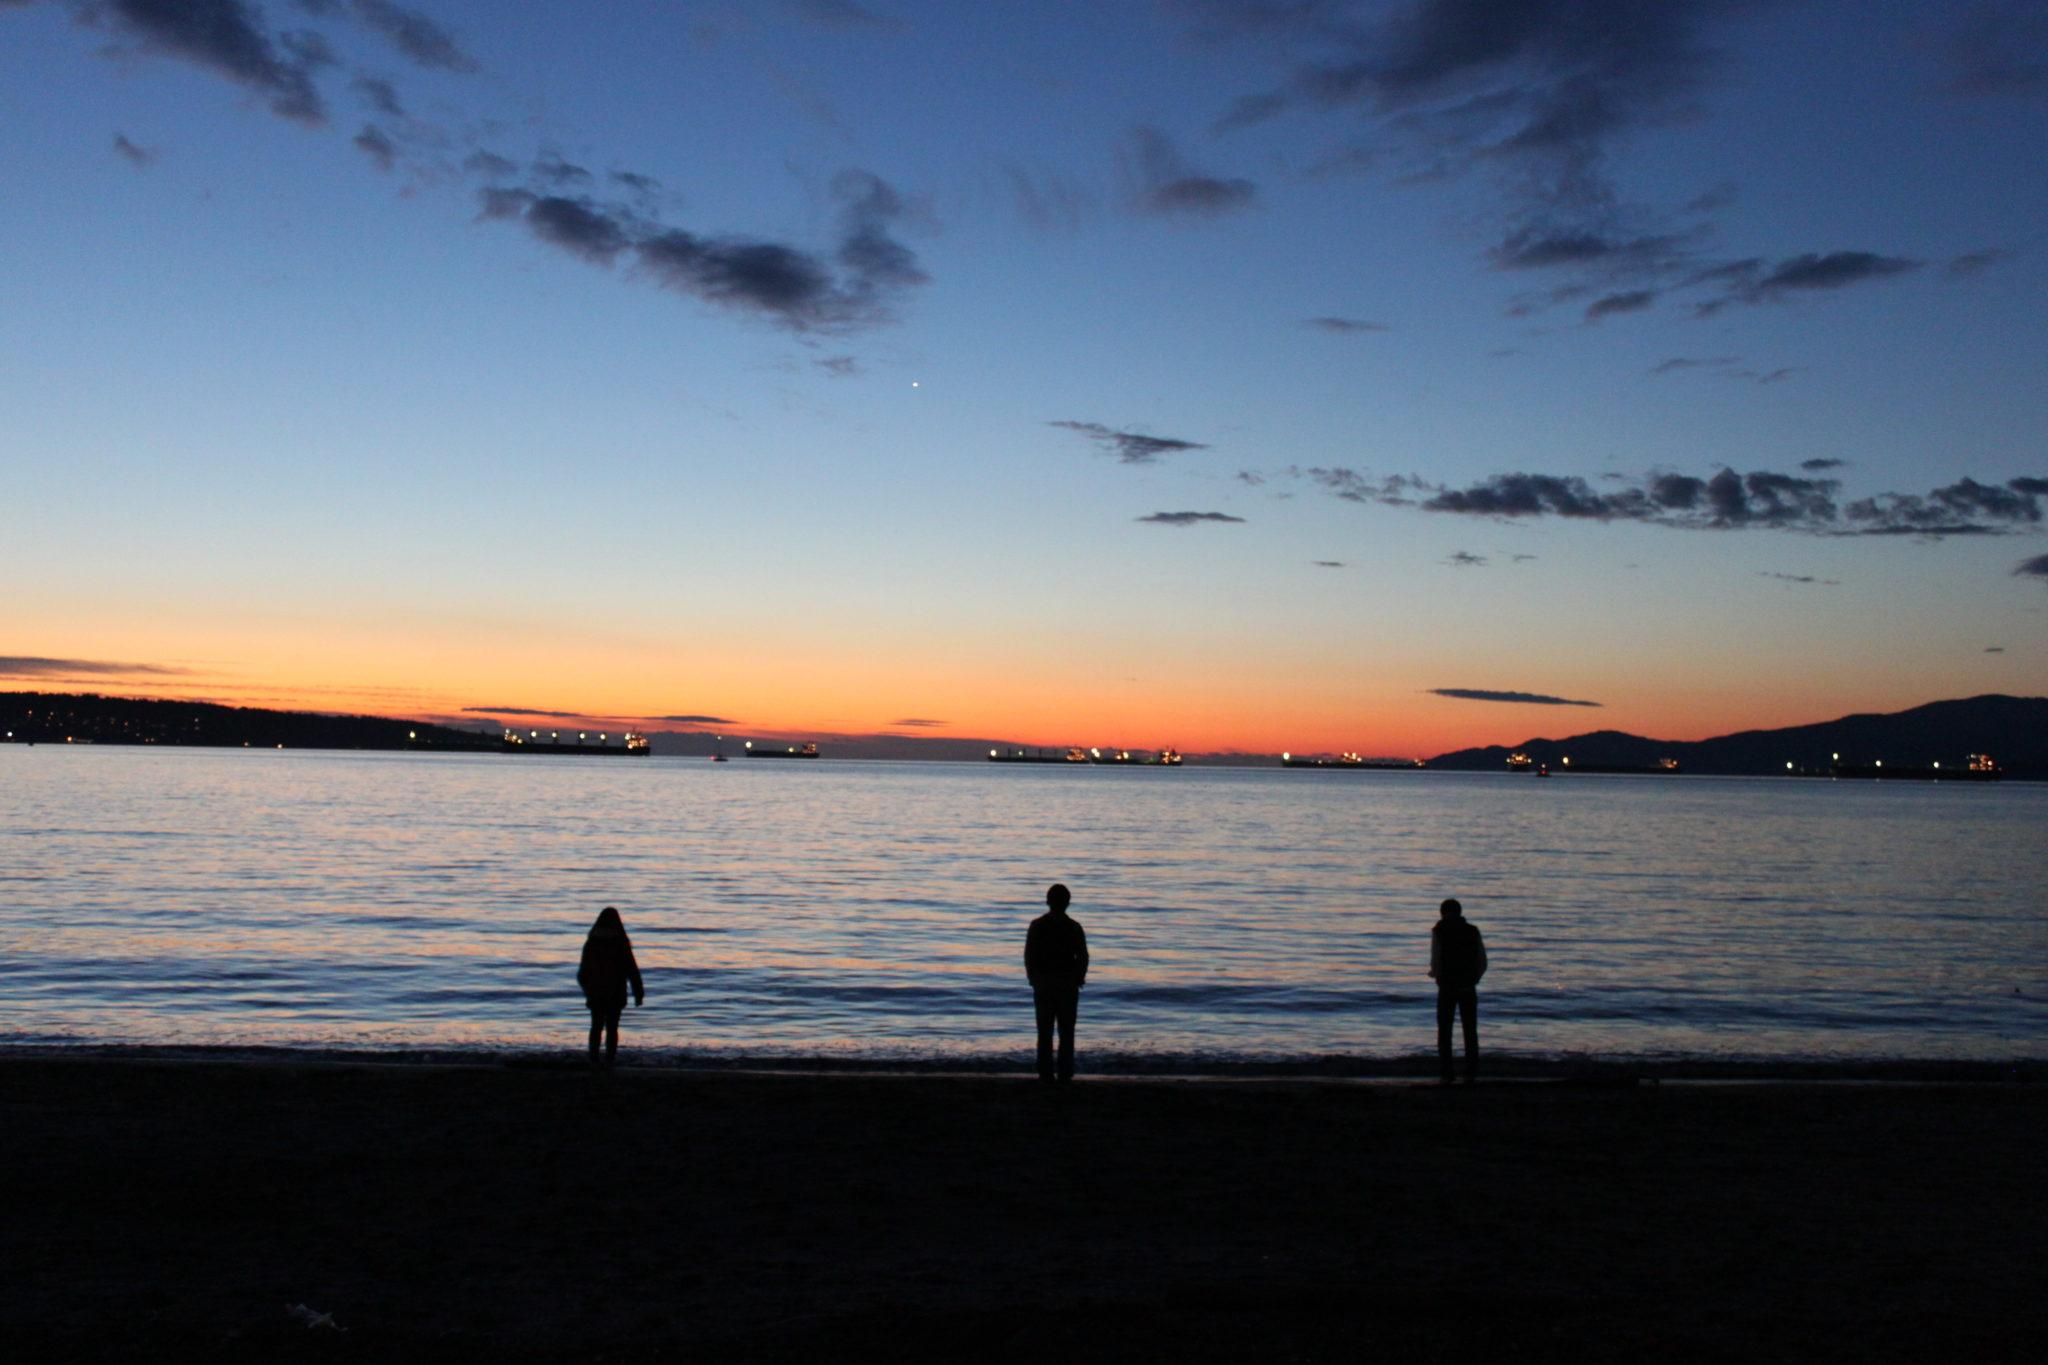 admirer-coucher-de-soleil-vancouver